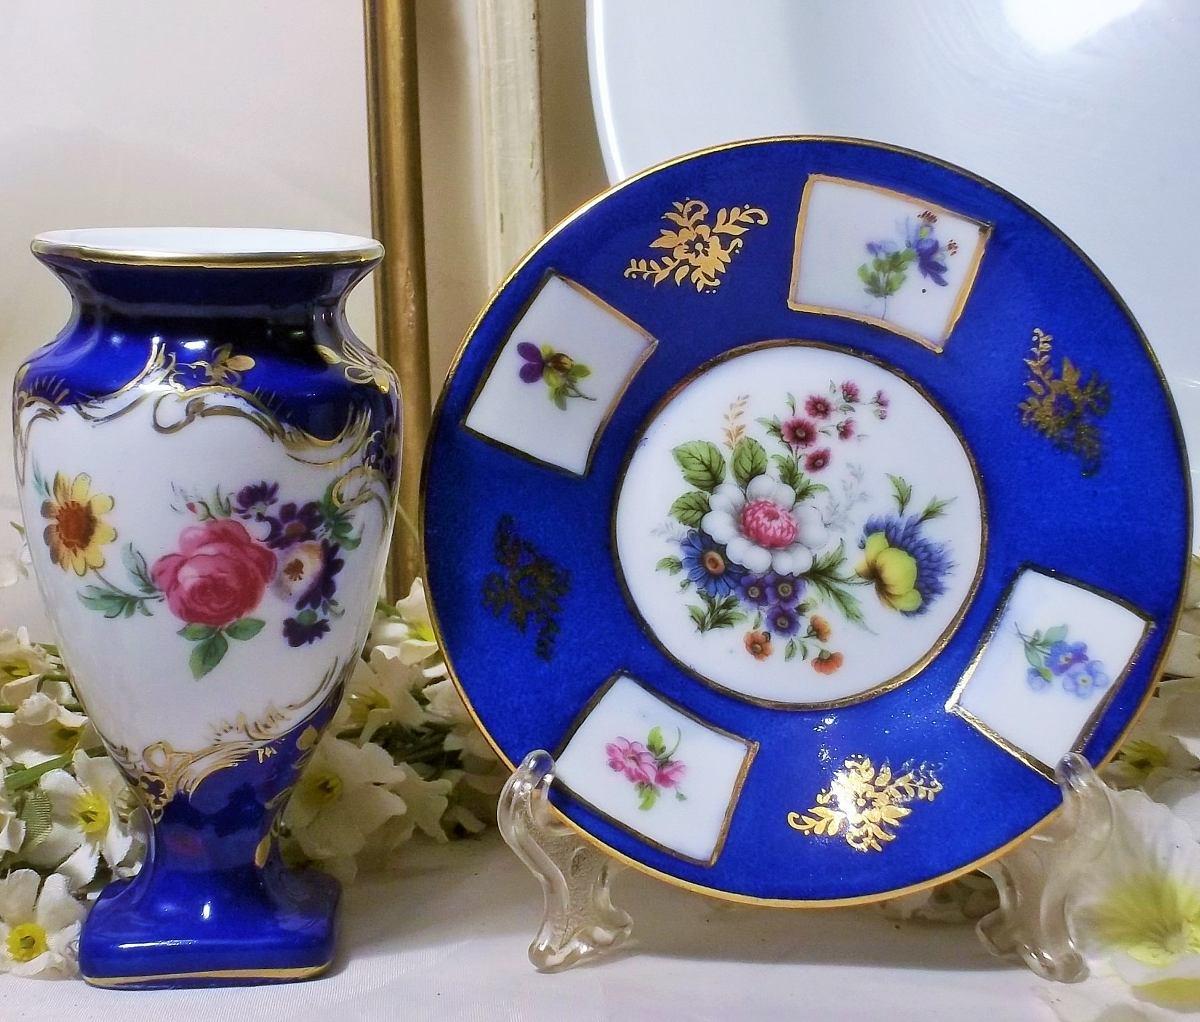 hermoso florero y plato porcelana azul precio por los dos